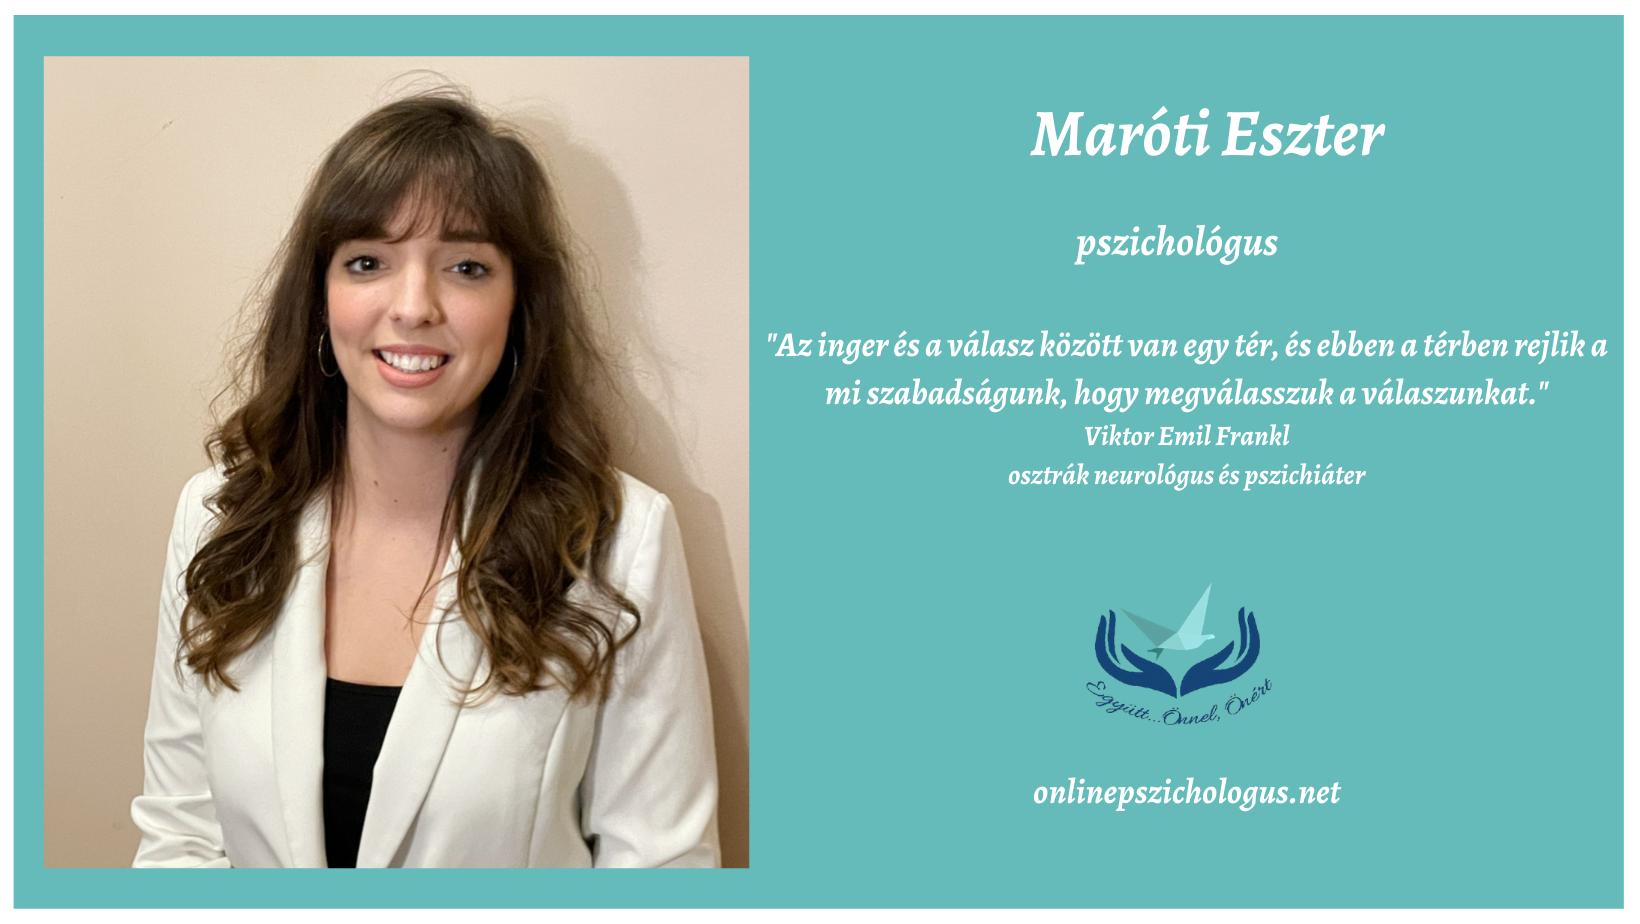 Interjú Maróti Eszter pszichológussal